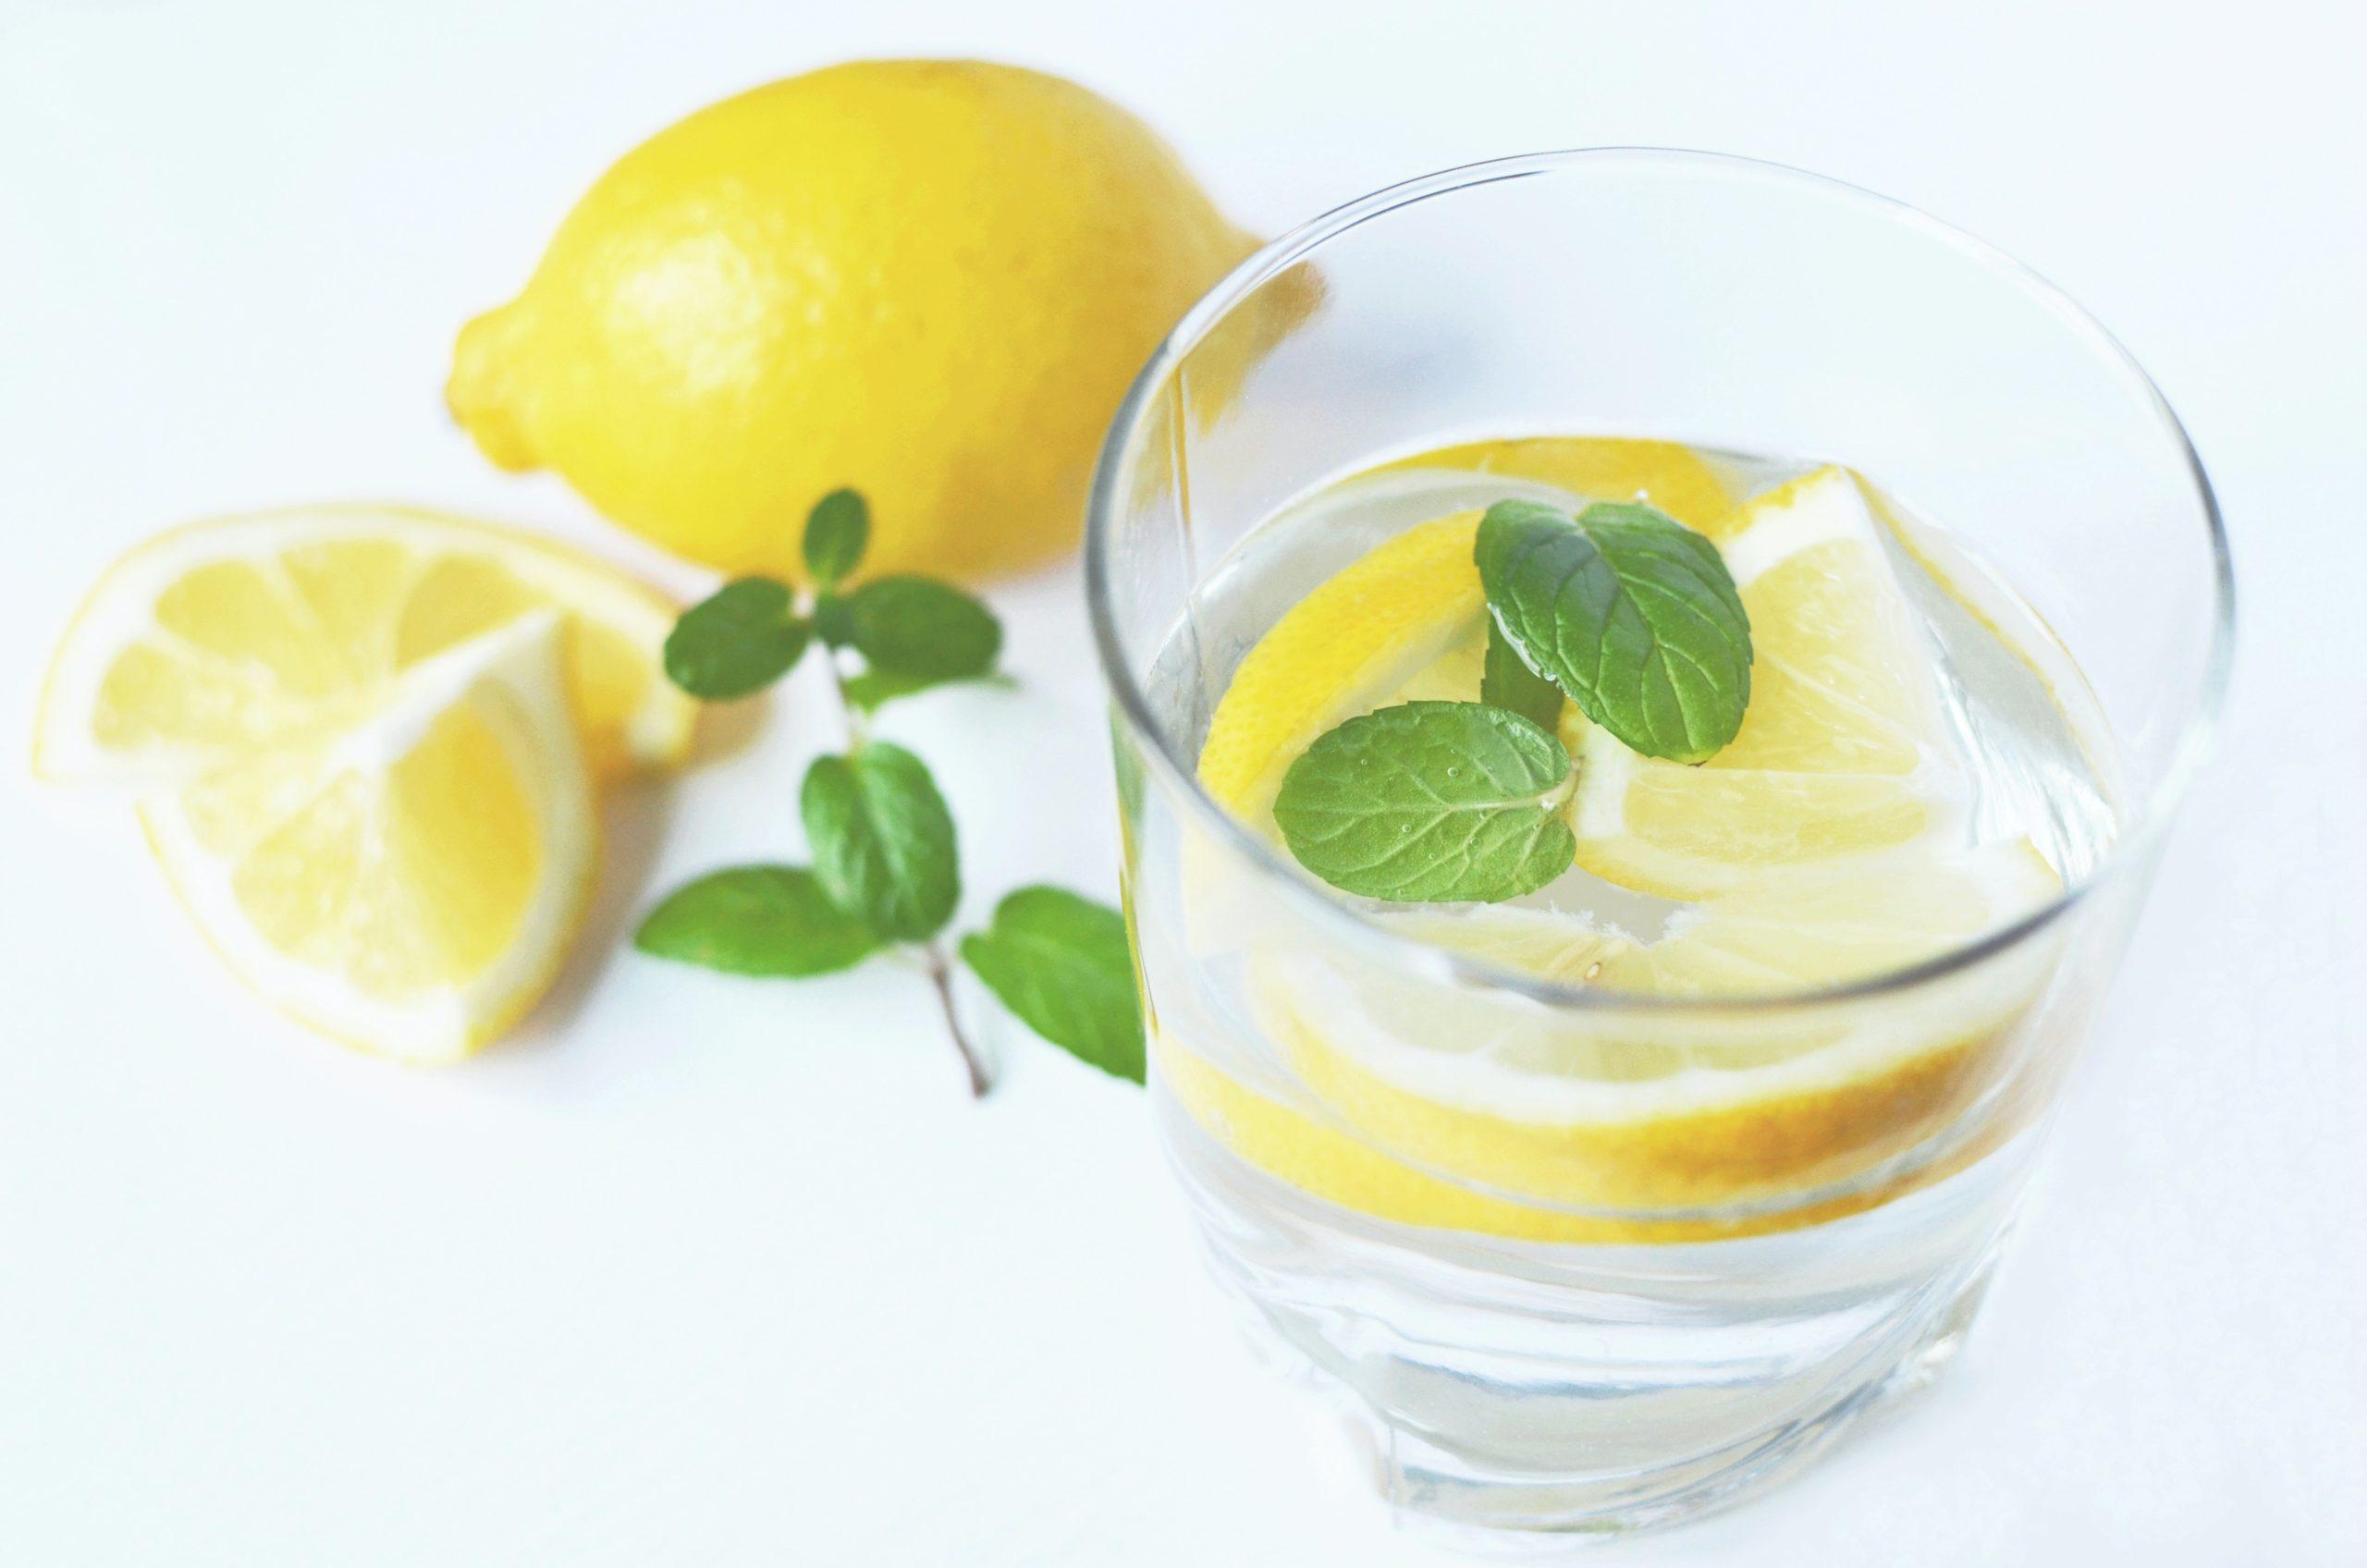 νερο με λεμονι